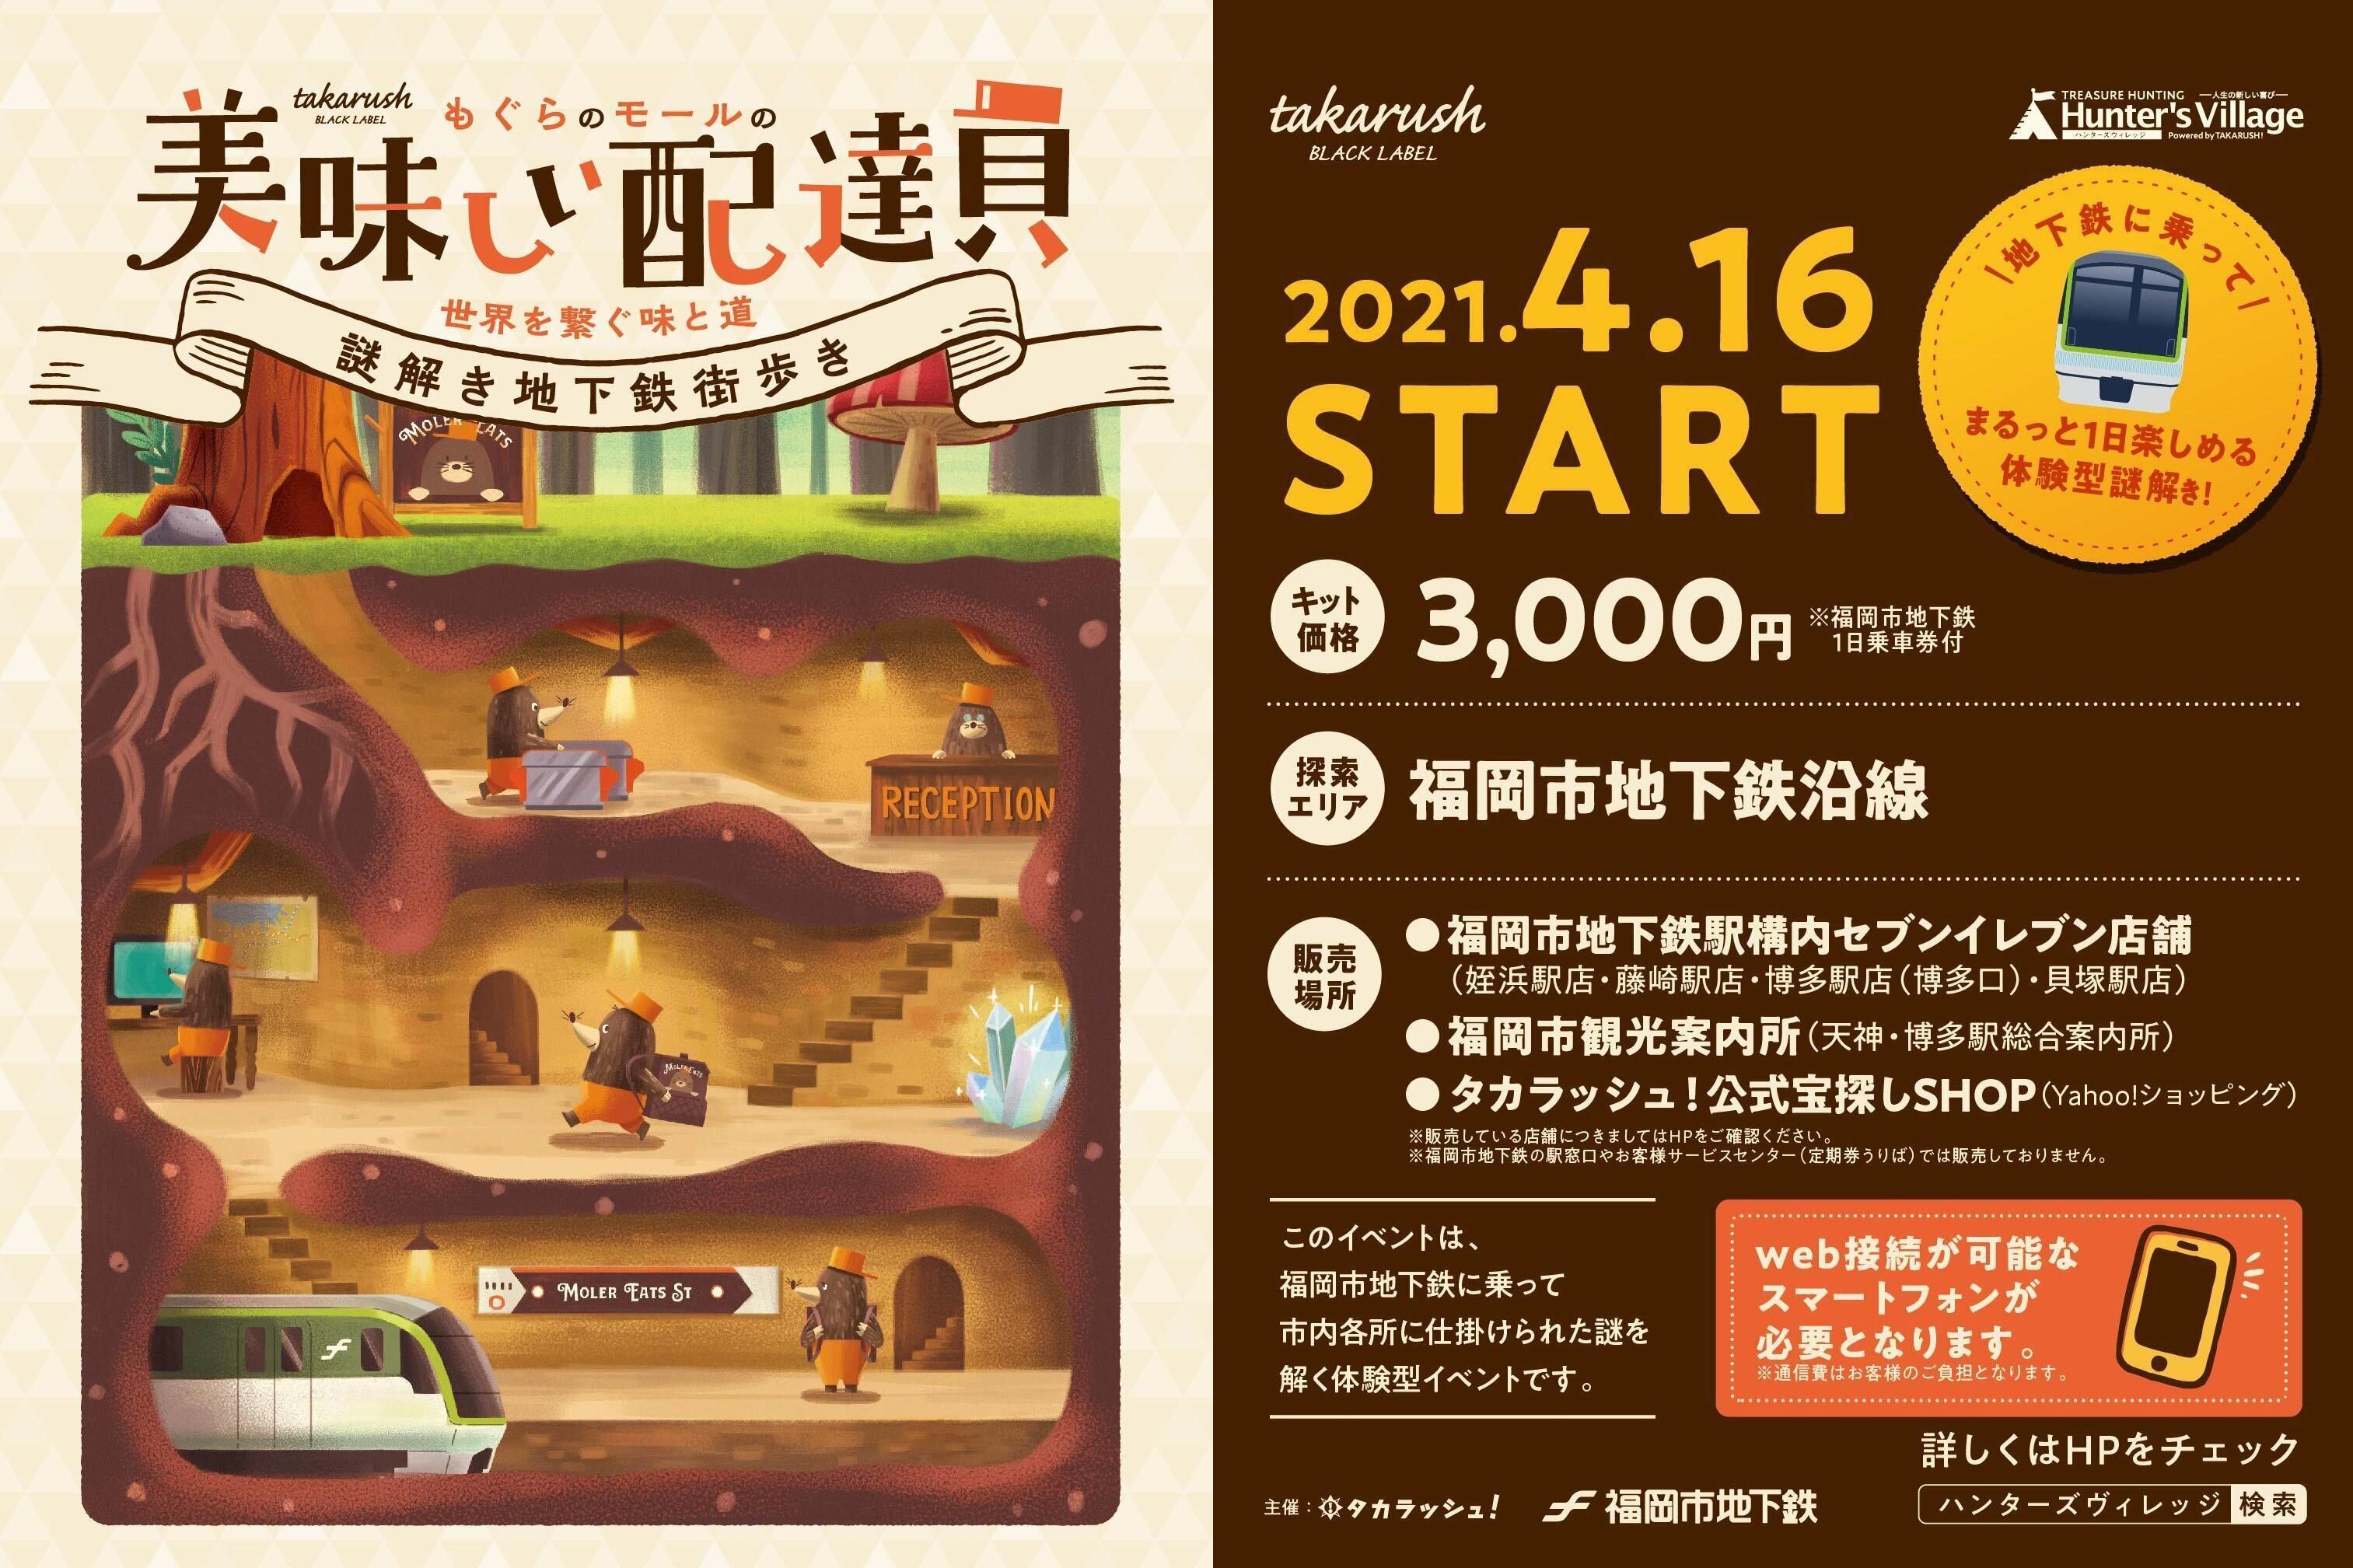 """福岡市地下鉄で""""大人のための謎解きイベント""""4月16日~開催決定!"""